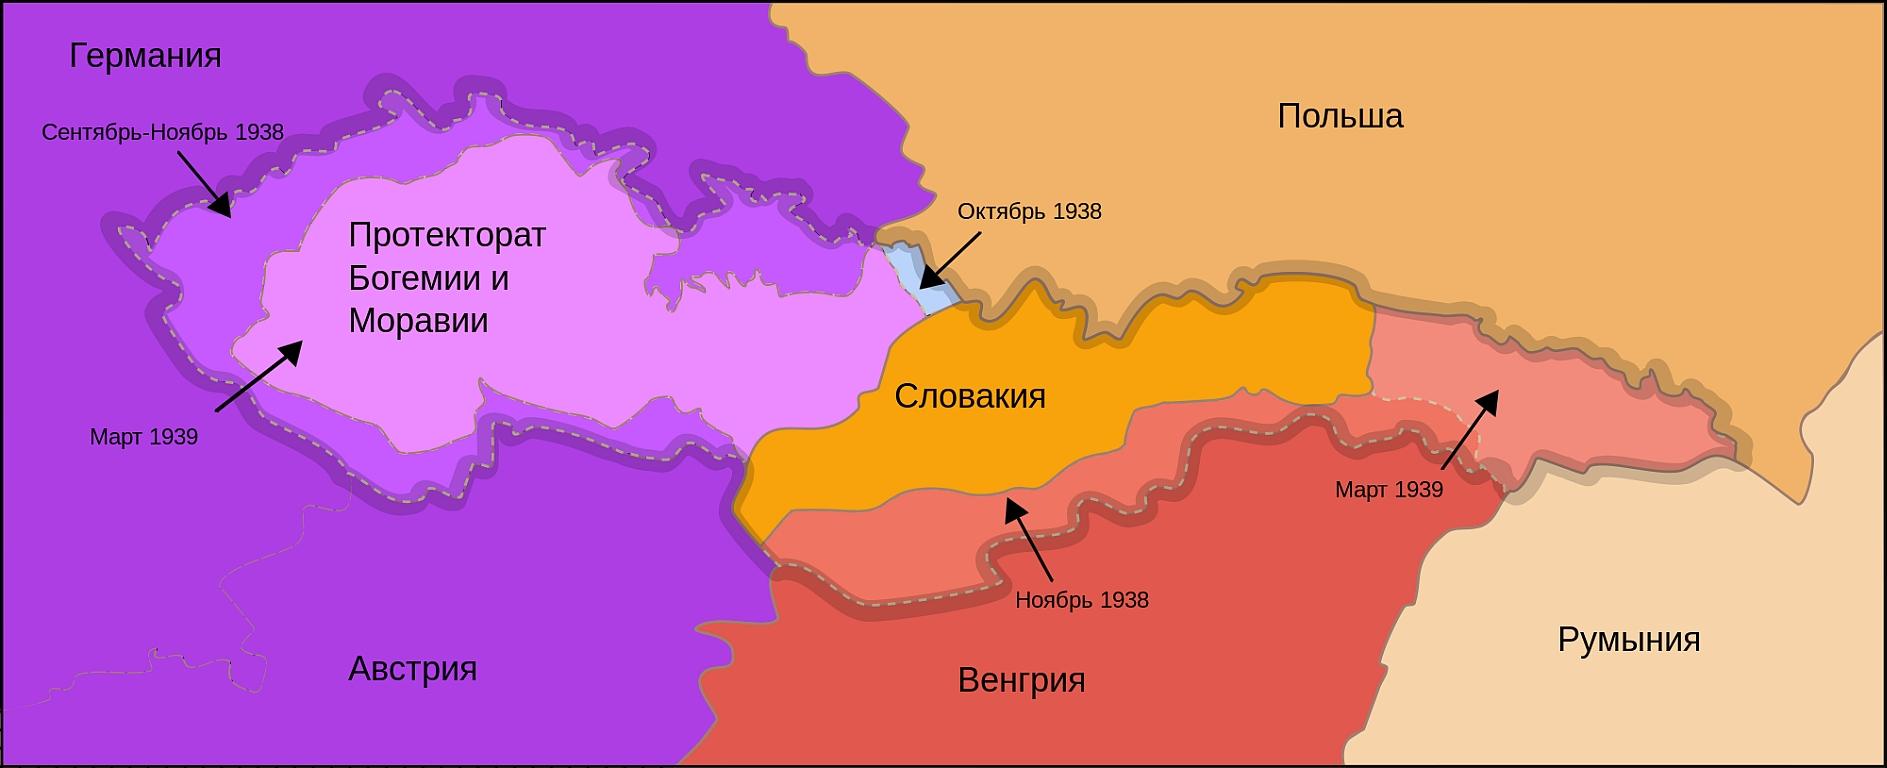 Раздел Чехо-Словакии в 1938-1939 гг. между Германией, Польшей и Венгрией